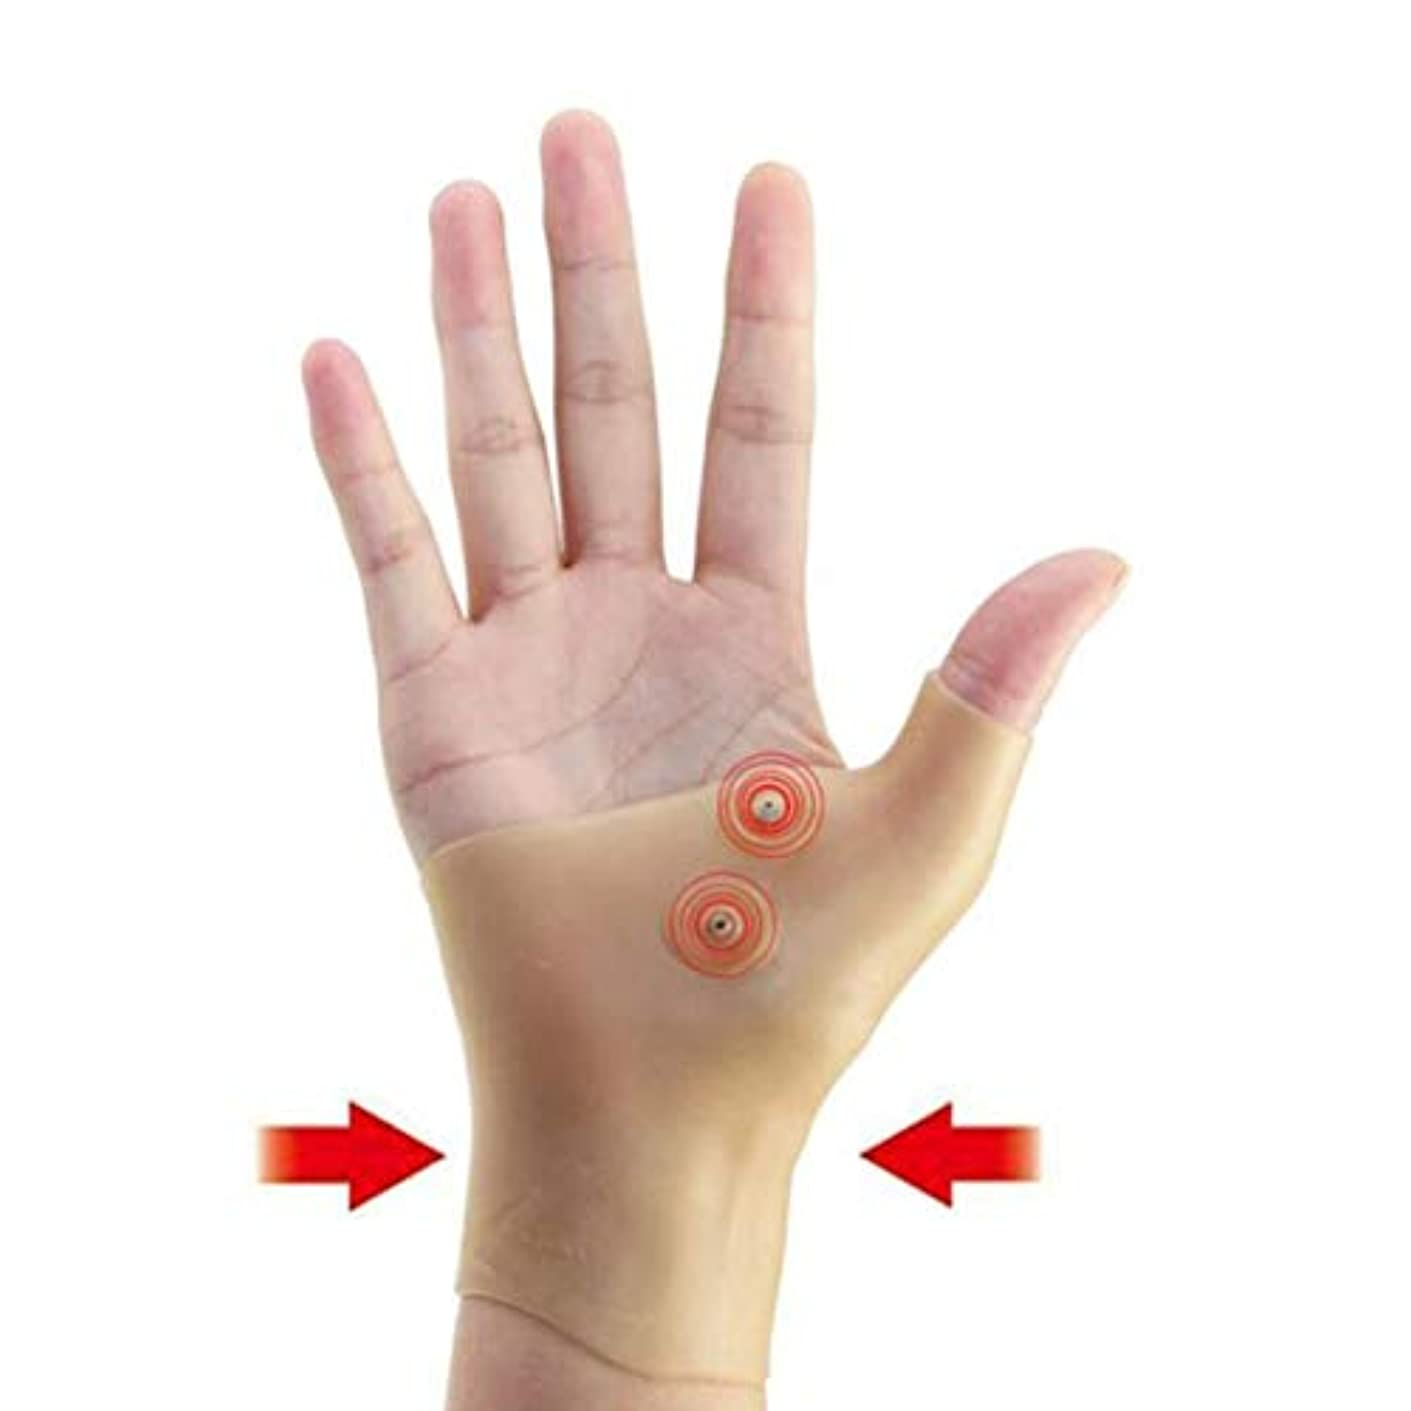 寛大なジョットディボンドン手書き磁気療法手首手親指サポート手袋シリコーンゲル関節炎圧力矯正器マッサージ痛み緩和手袋 - 肌の色